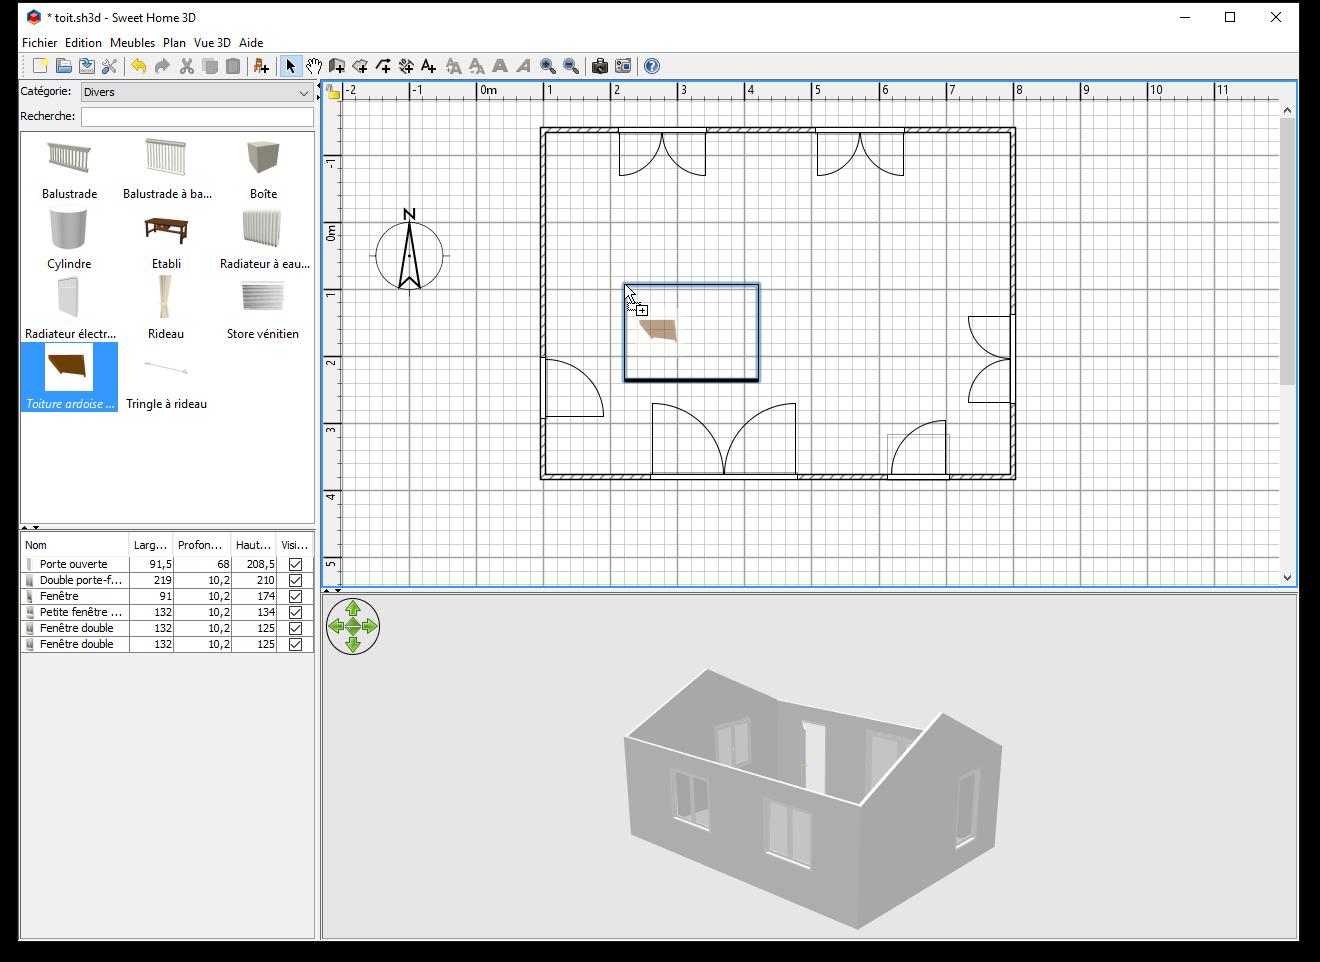 Comment ajouter un toit dans sweet home 3d for Voir sa maison en 3d